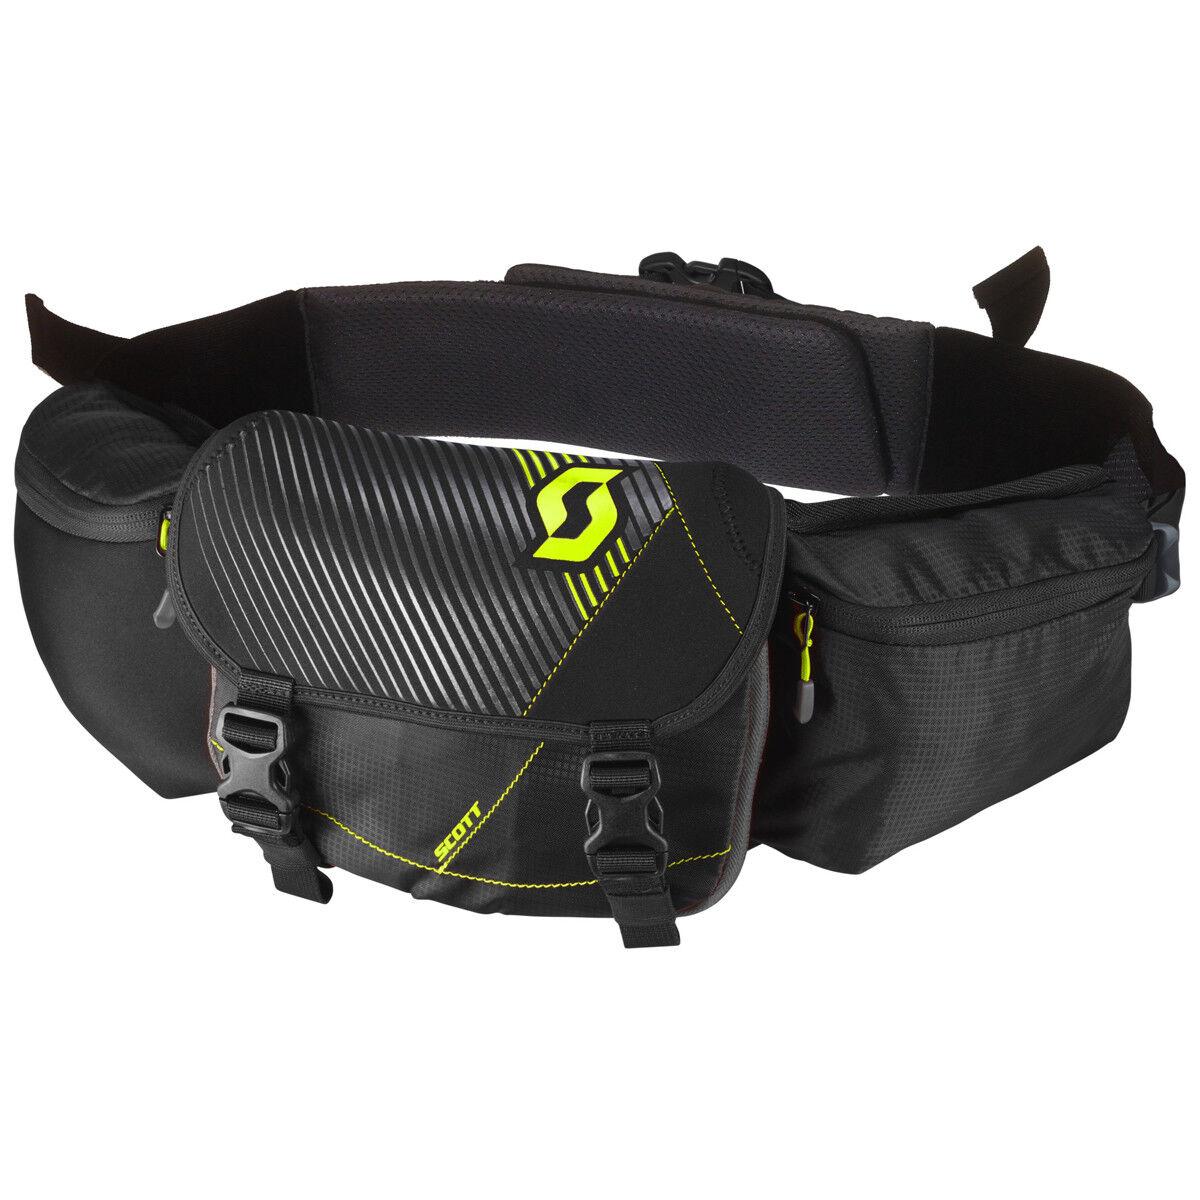 Scott Race Days Days Days Hip-Belt Hüfttasche schwarz gelb   | Angenehmes Aussehen  024c98